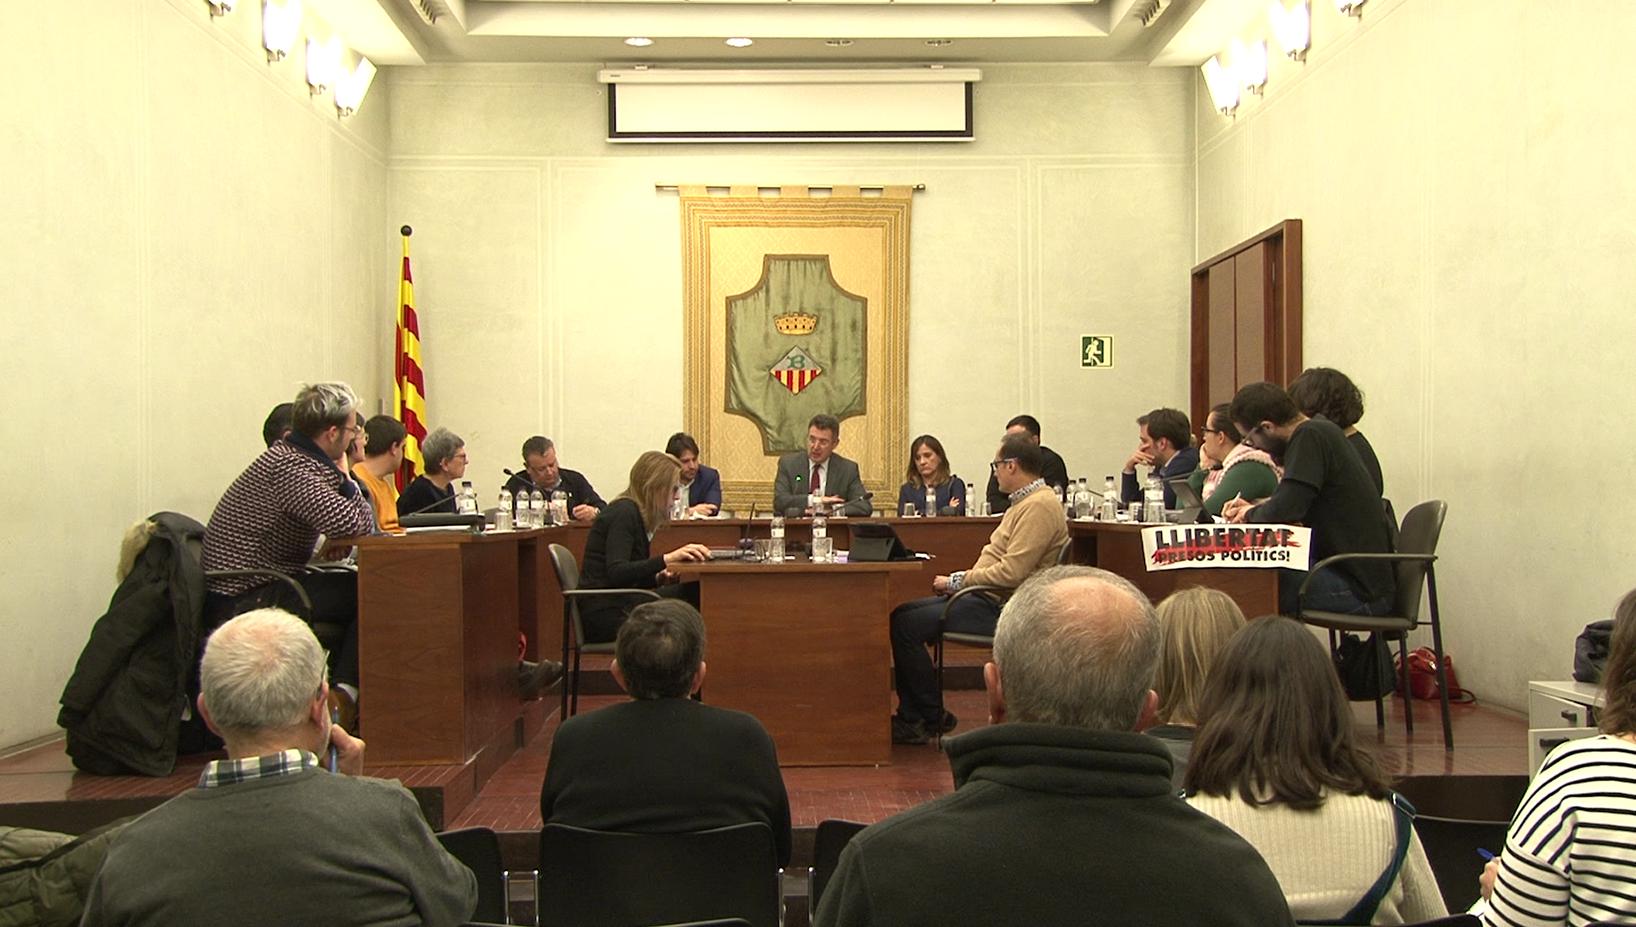 Banyoles es declara vila antifeixista i s'adhereix a la vaga general feminista